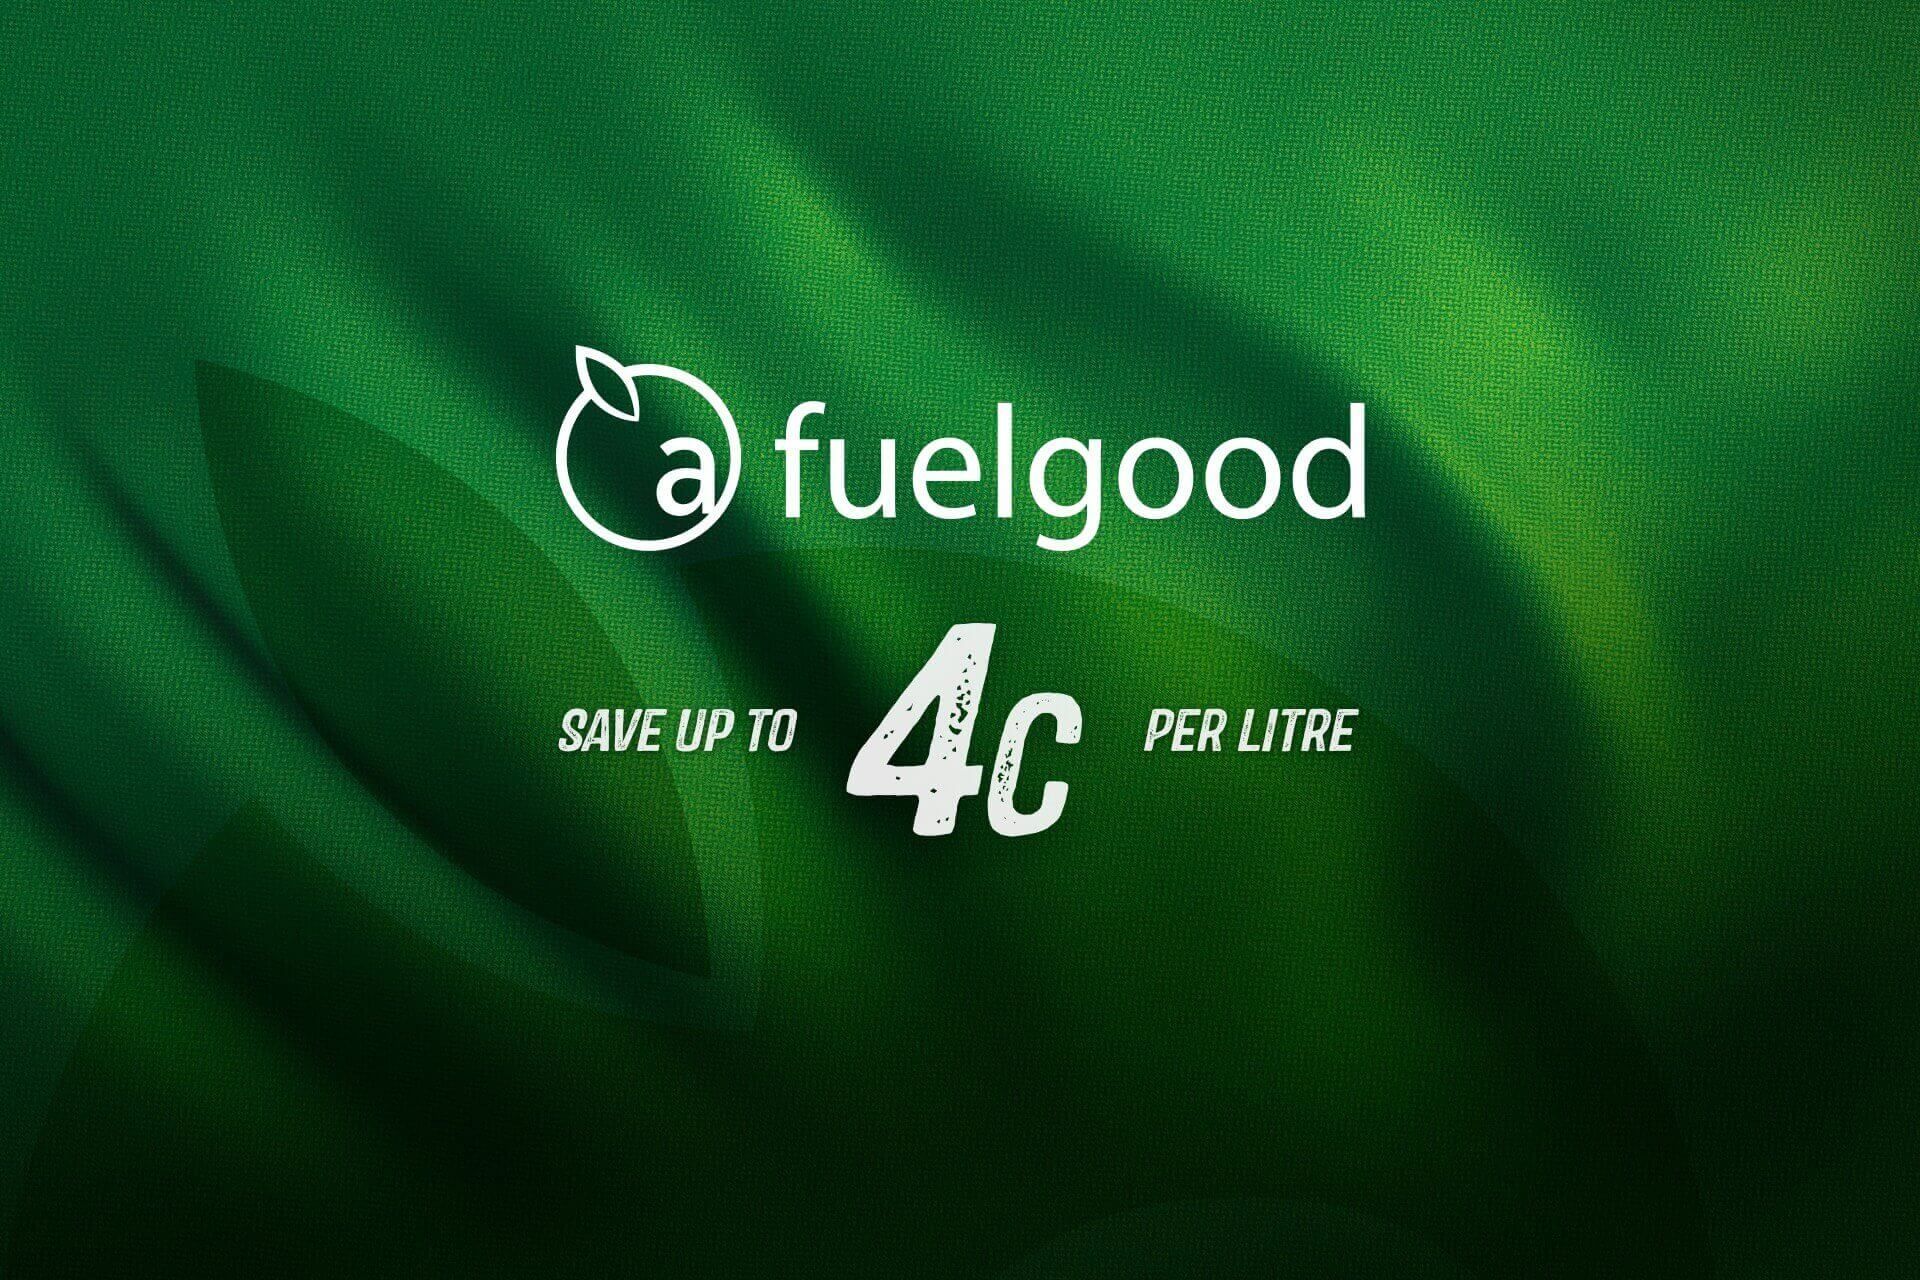 Low Fuel Prices Always, fuelgood | Applegreen Ireland